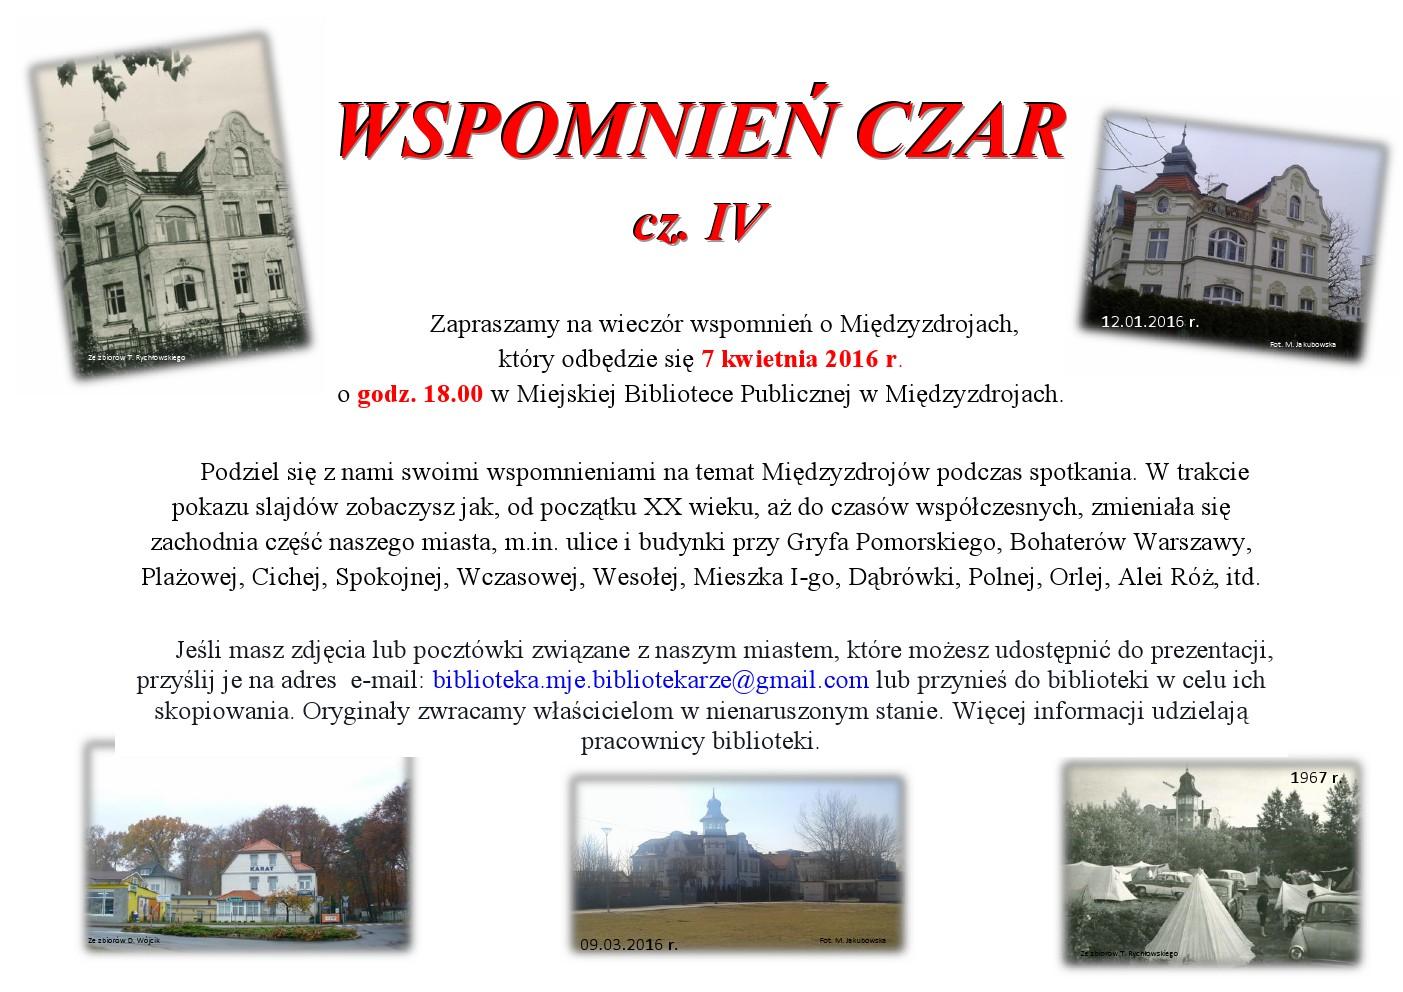 Wspomnień Czar cz. IV – zaproszenie